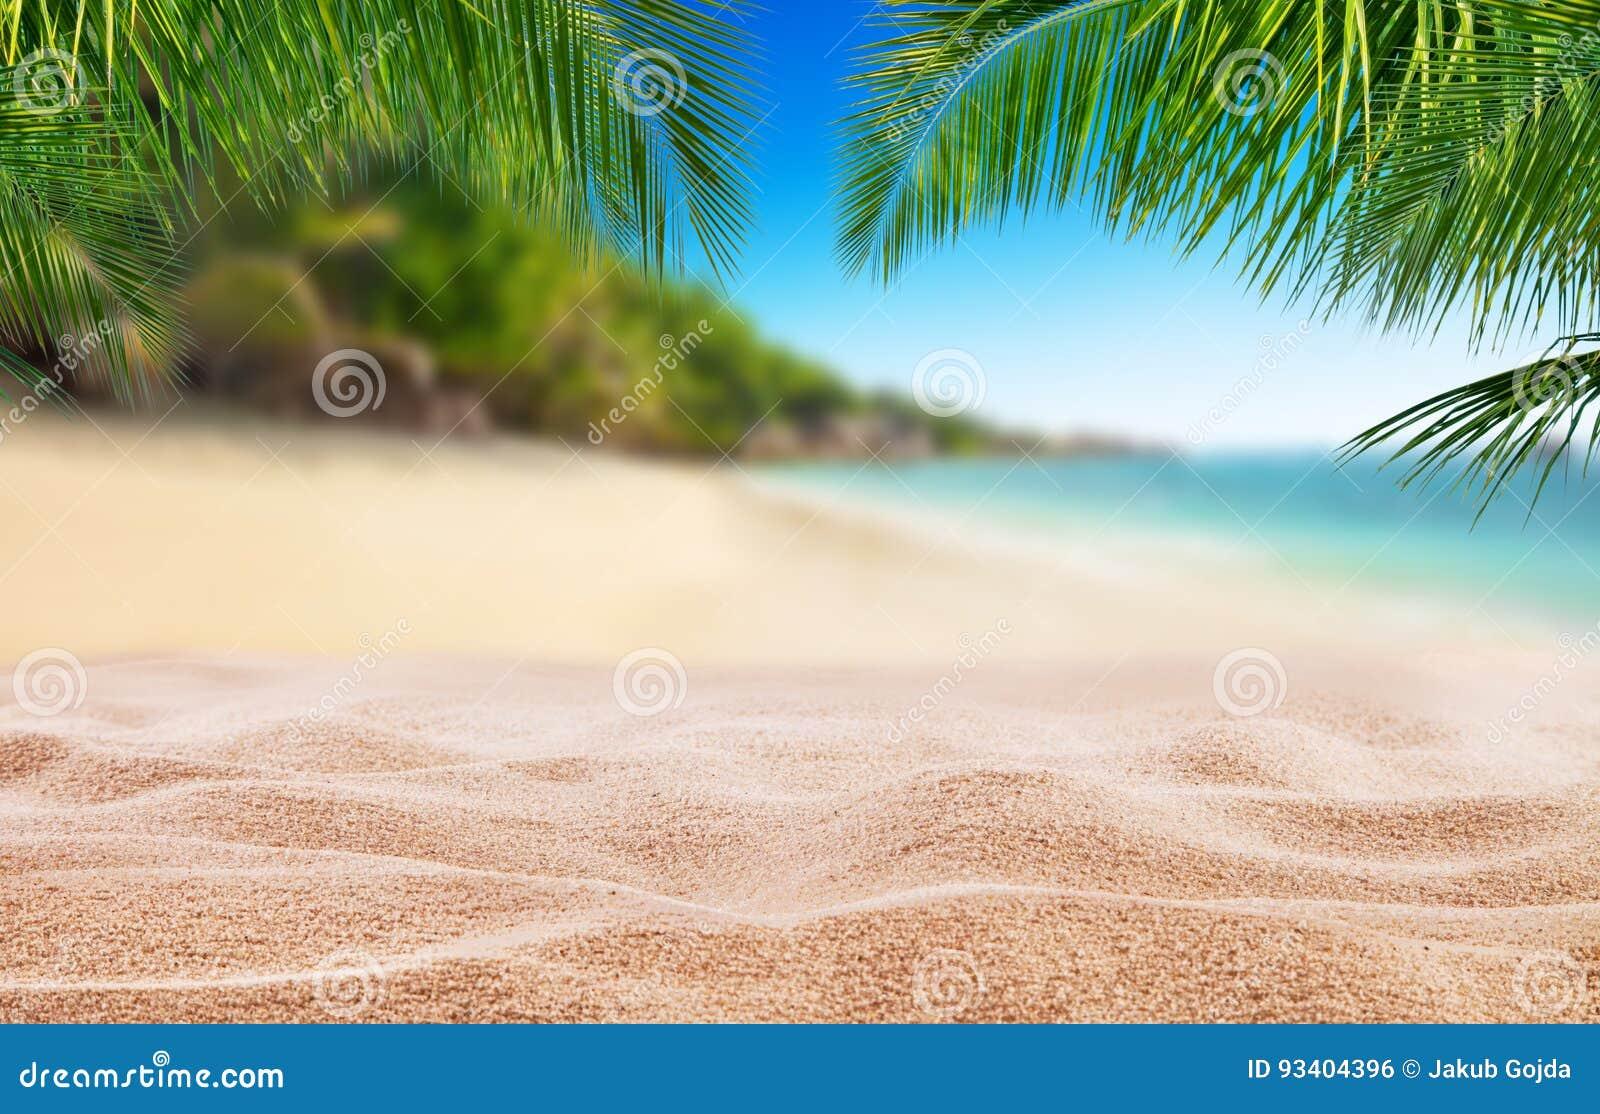 Playa tropical con la arena, fondo de las vacaciones de verano